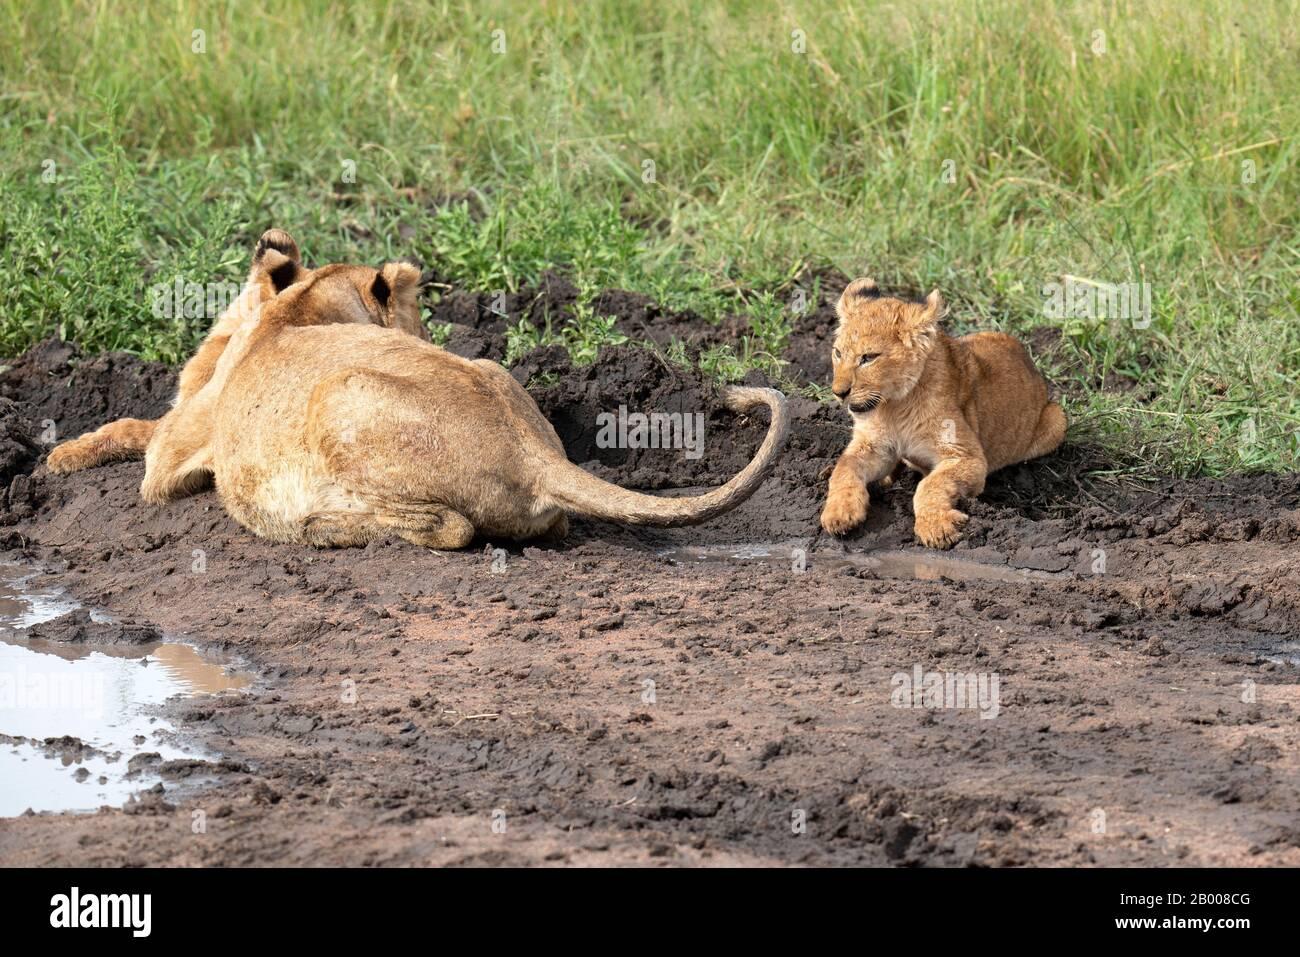 Freche Lion-Cub, die mit dem Schwanz der Mutter spielt Stockfoto